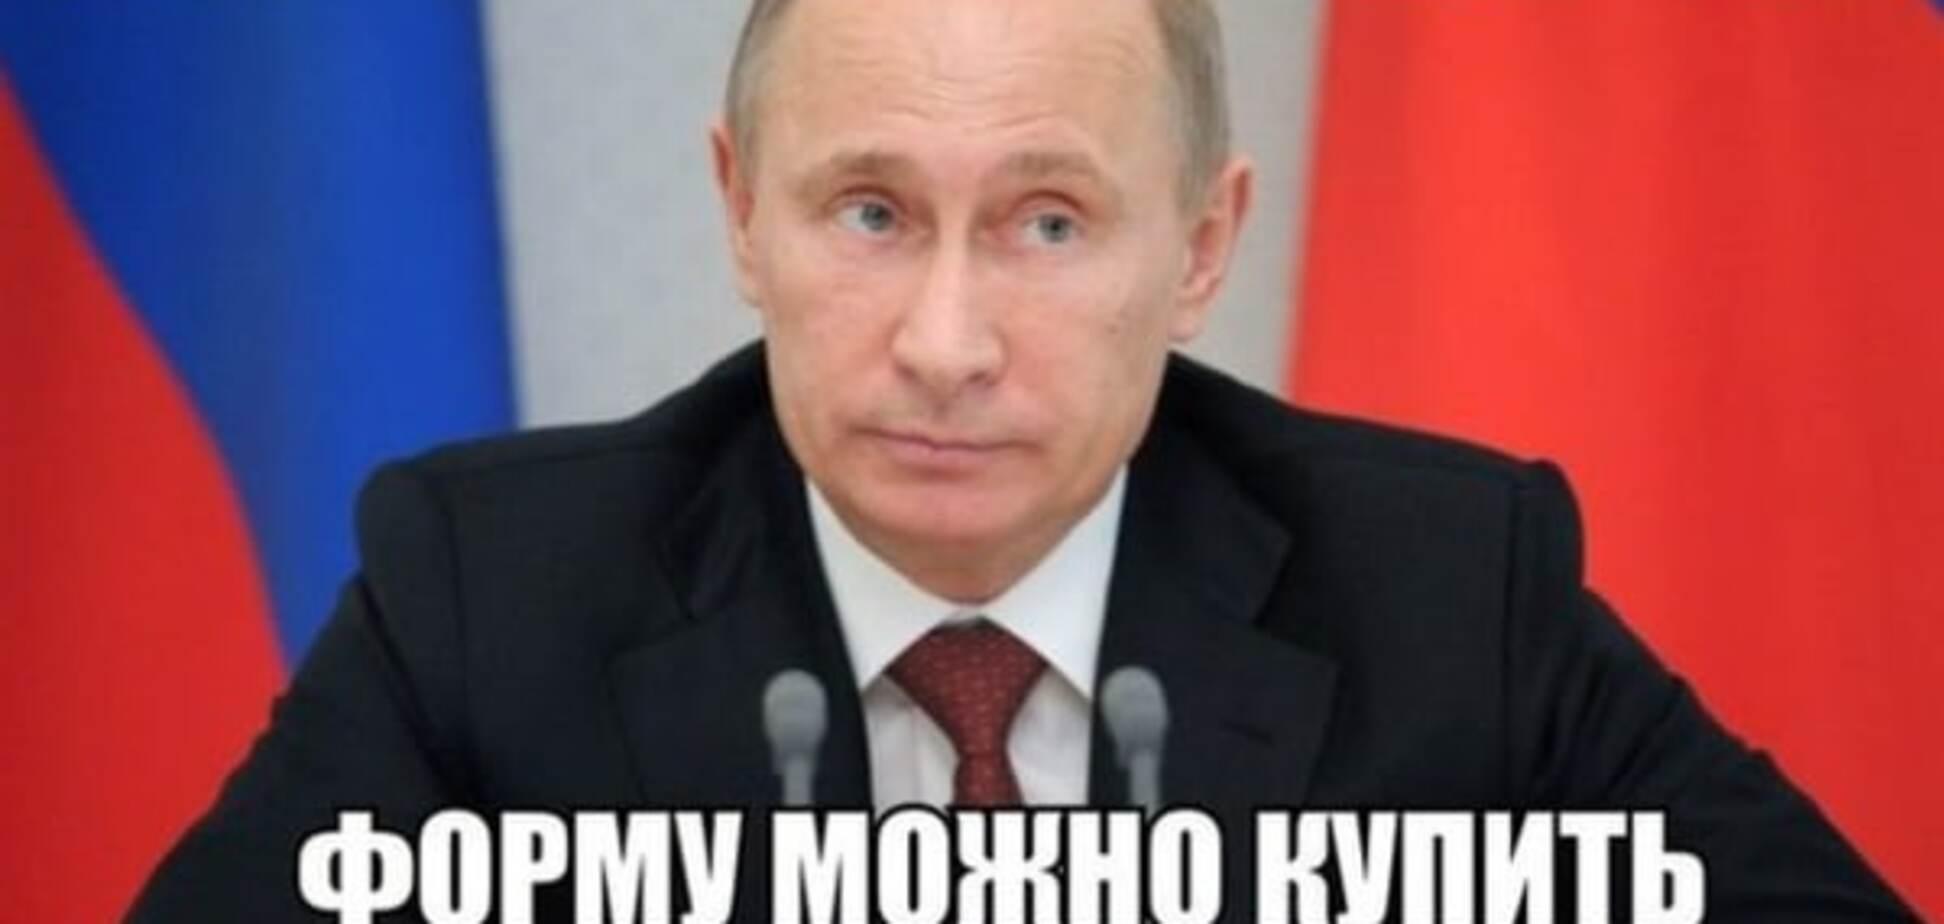 Путин сборная России мемы